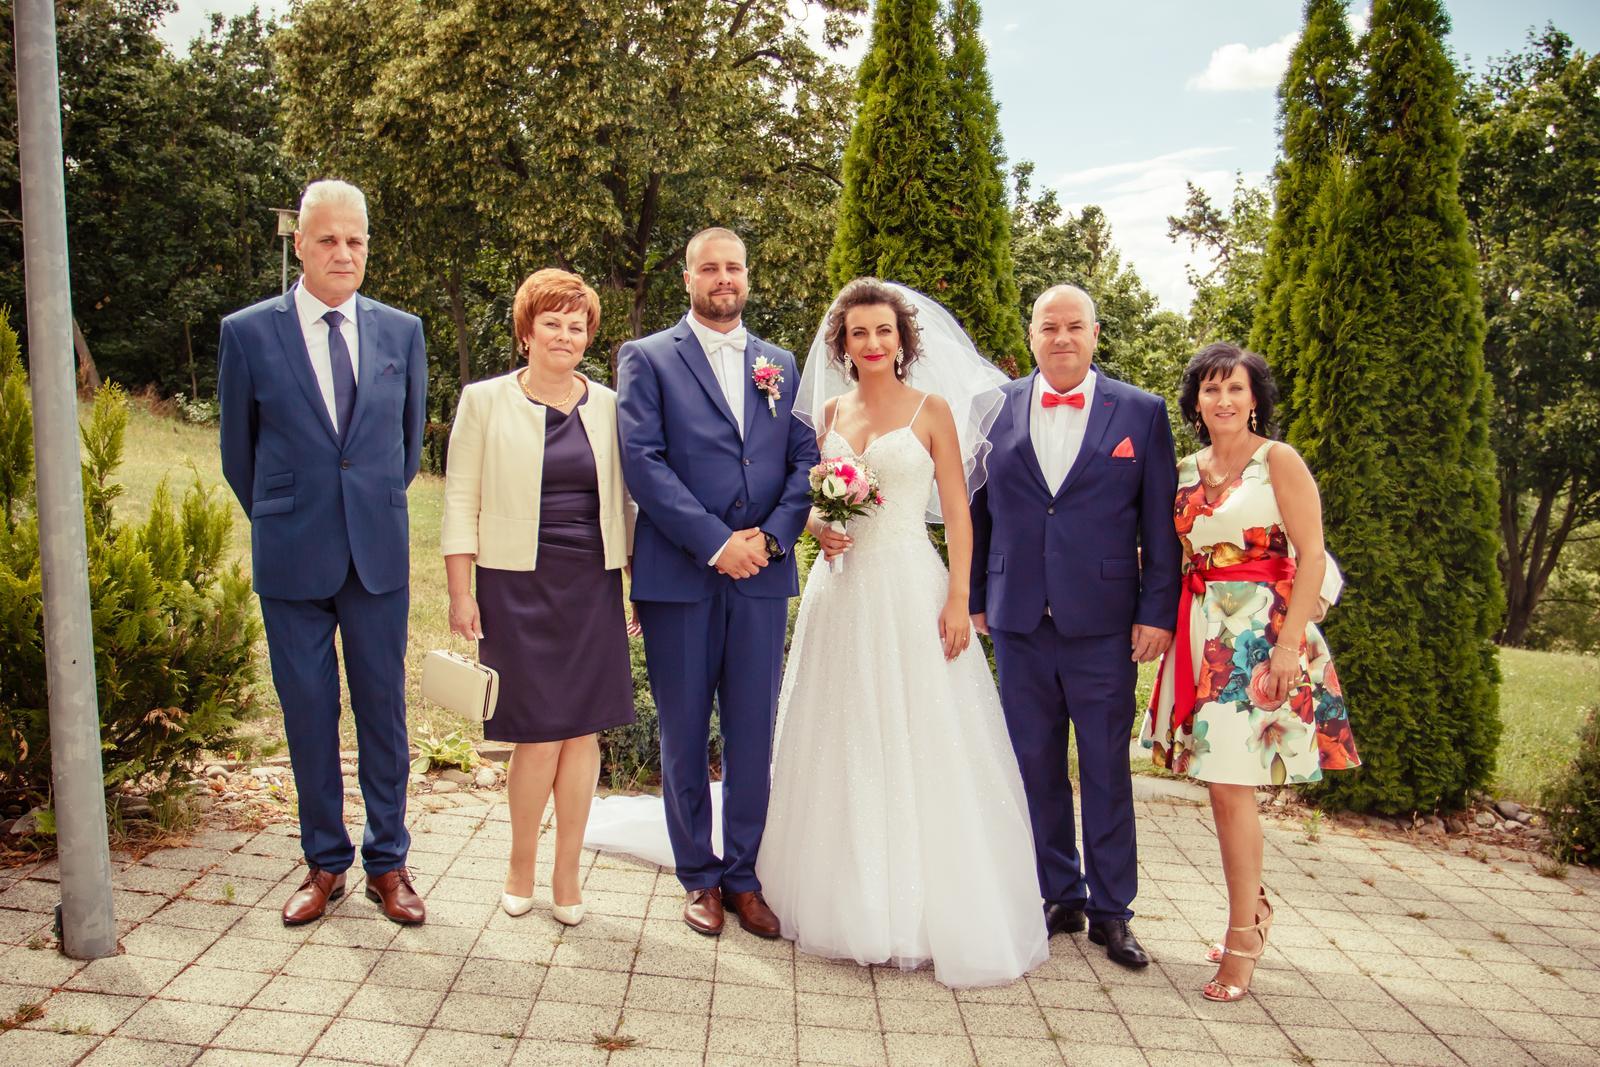 Naša svadba 1.7.2017 - Obrázok č. 23